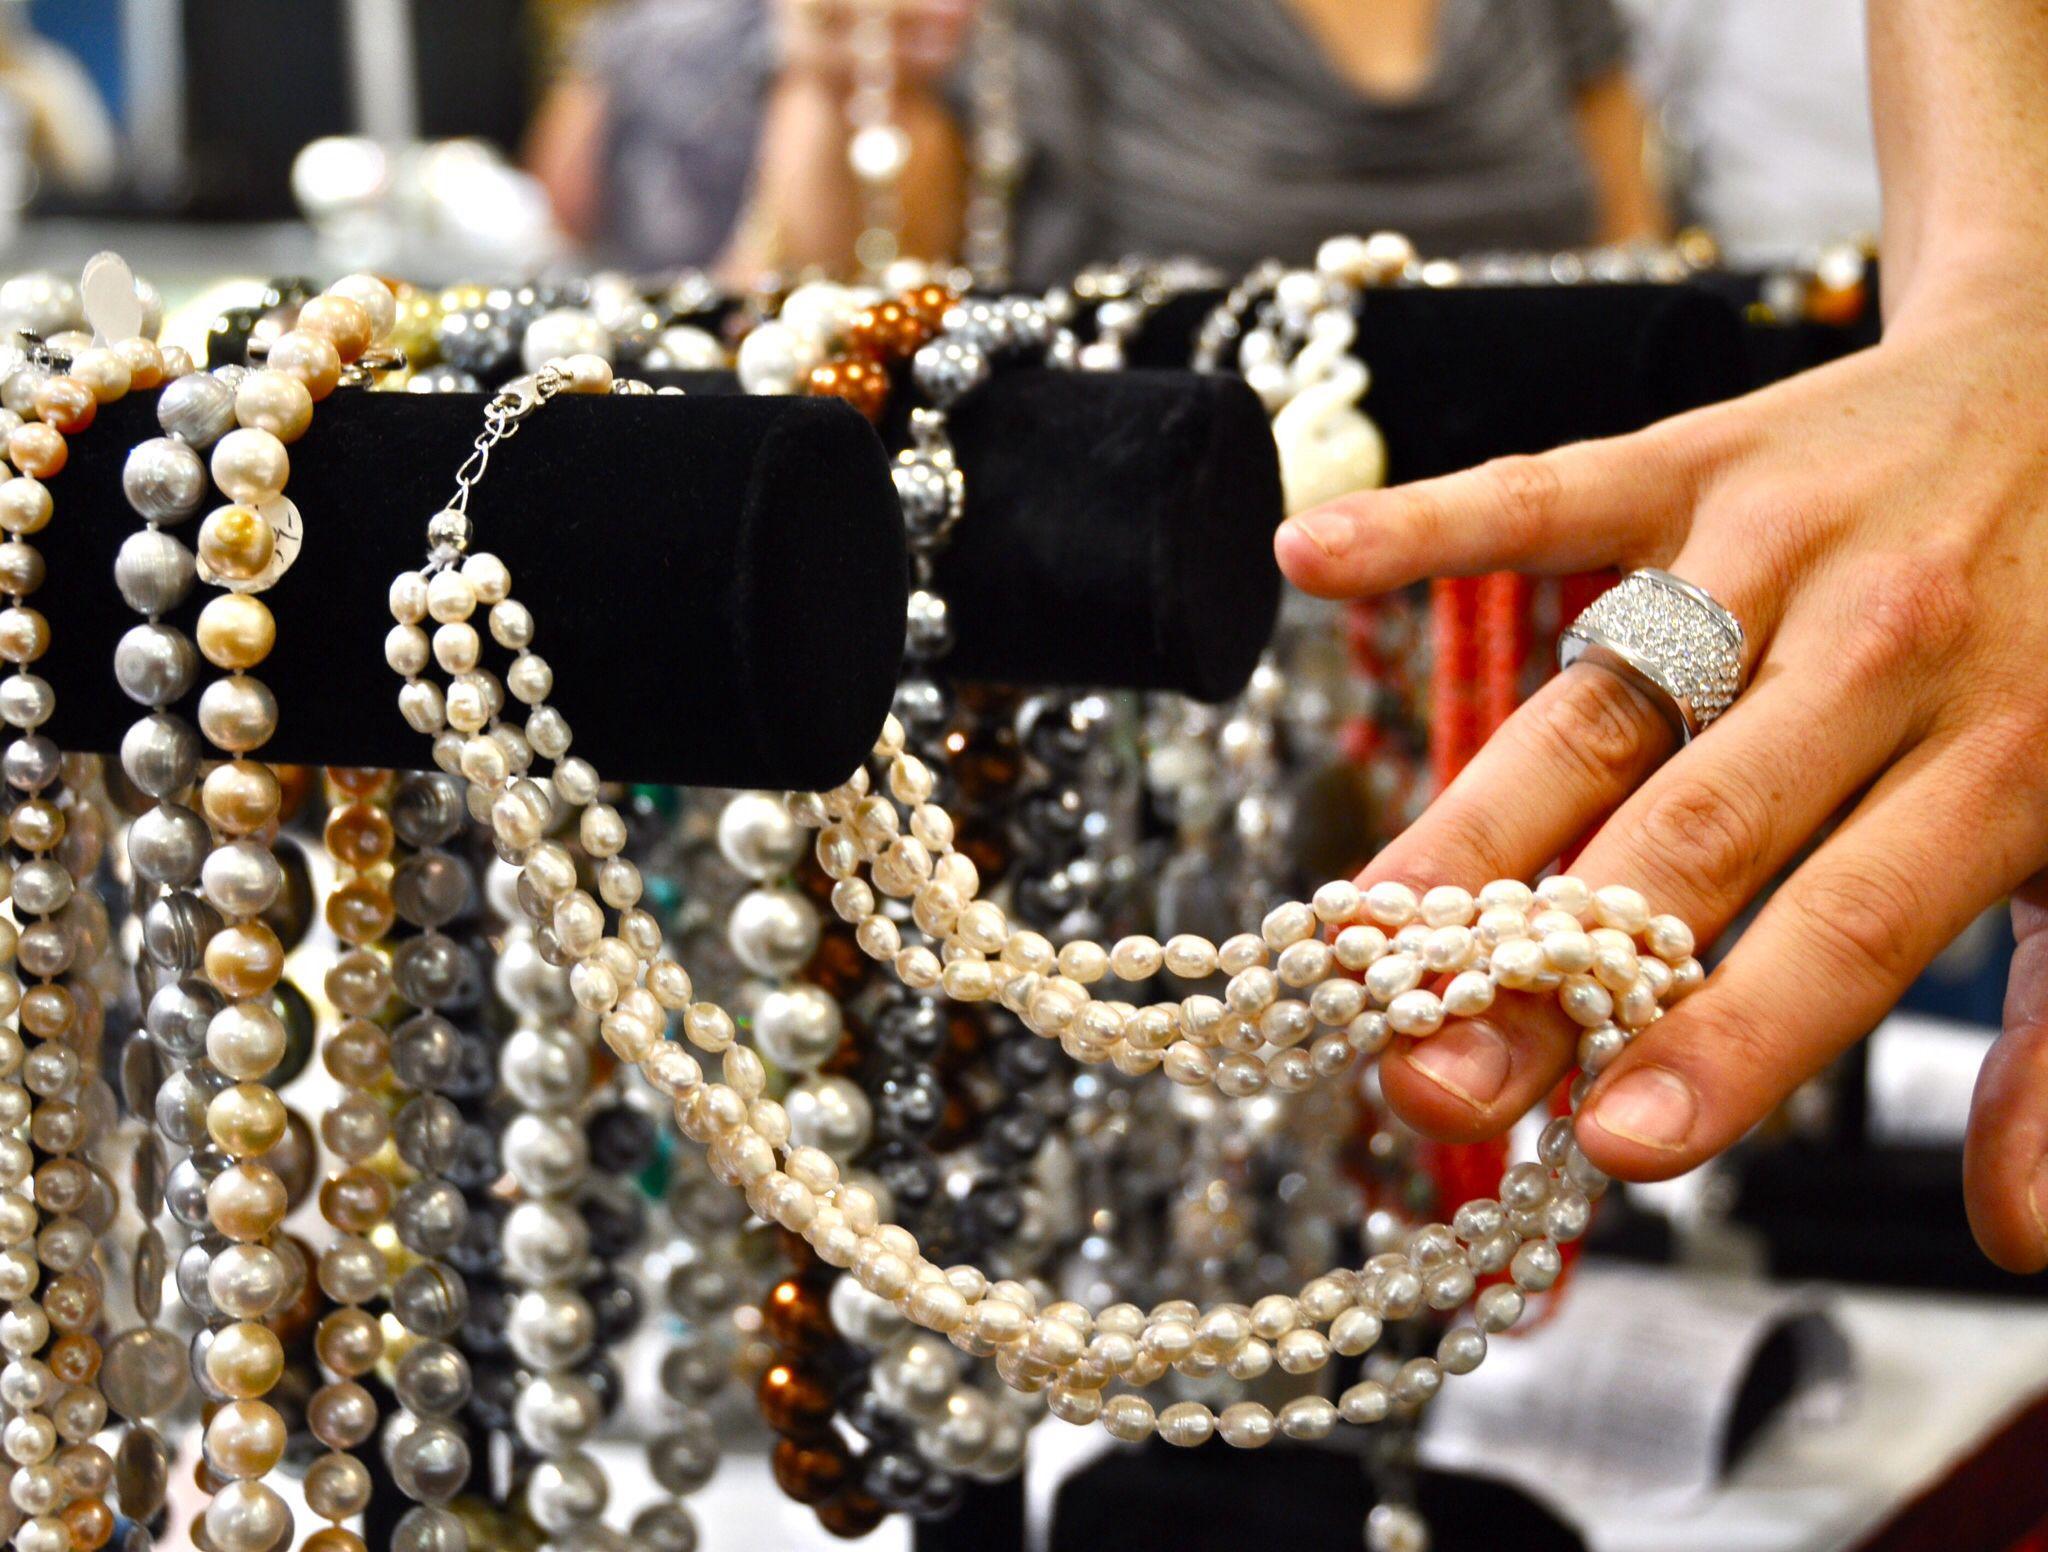 Pearls Jewelry show, Gem and jewelry show, Jewelry